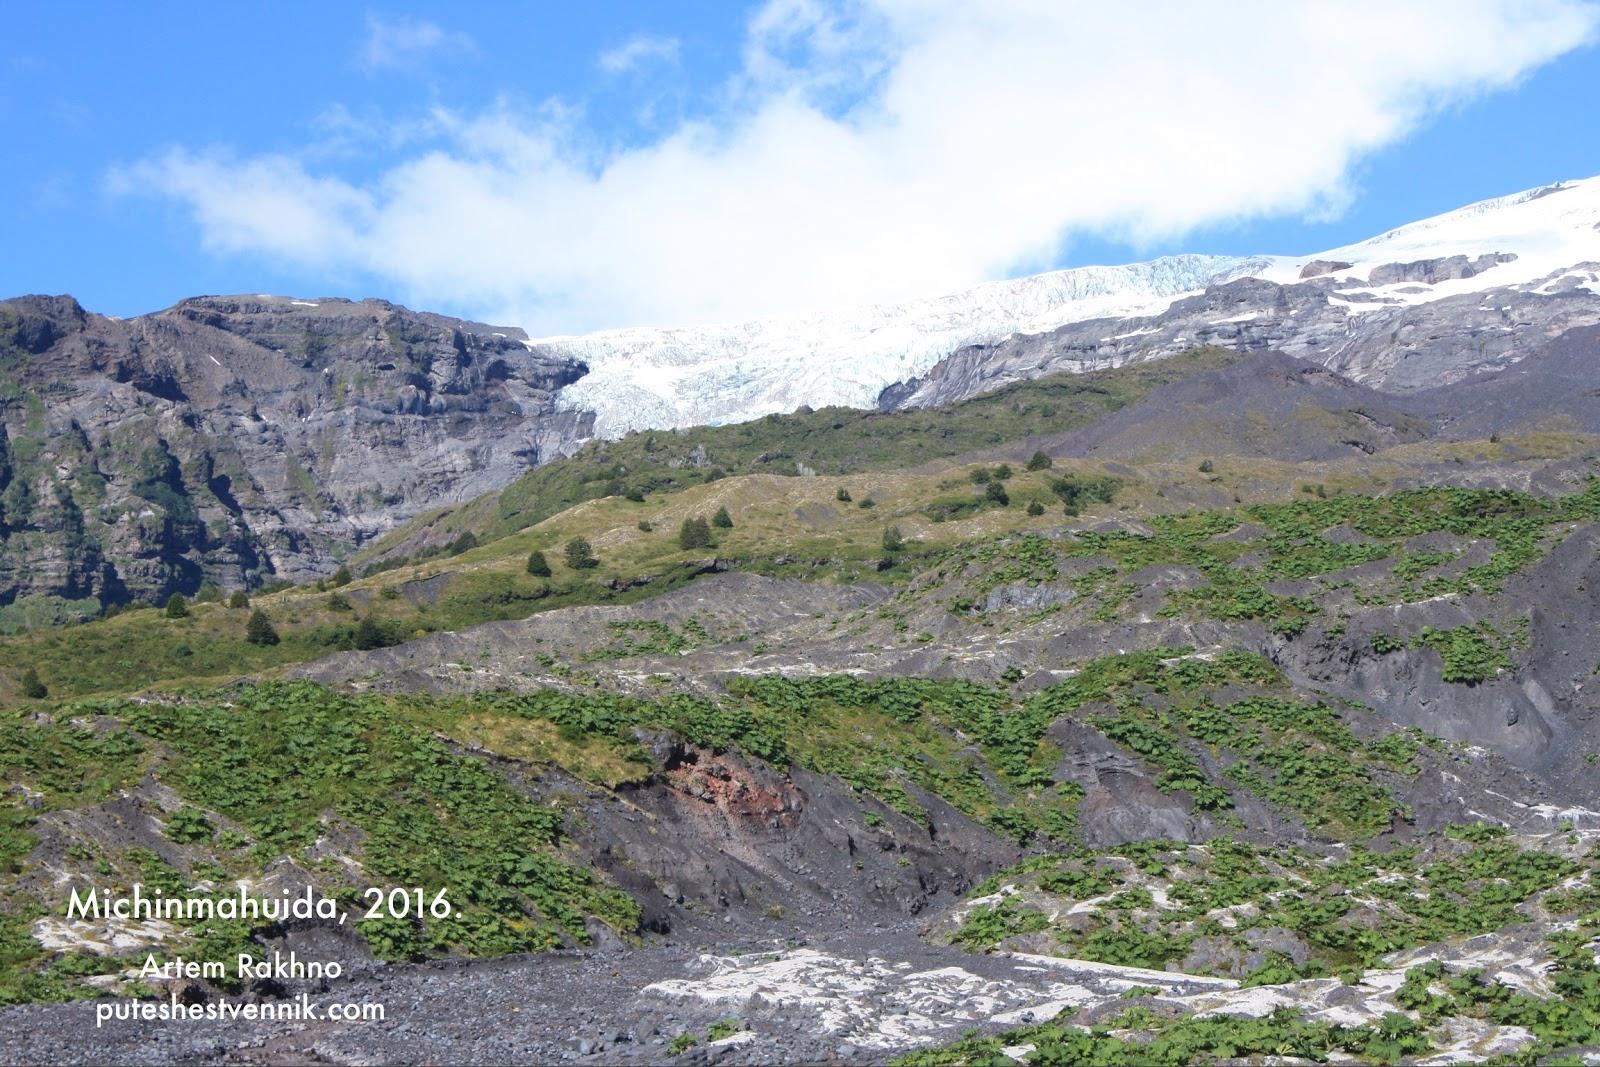 Горы в окрестностях вулкана Мичинмахуида